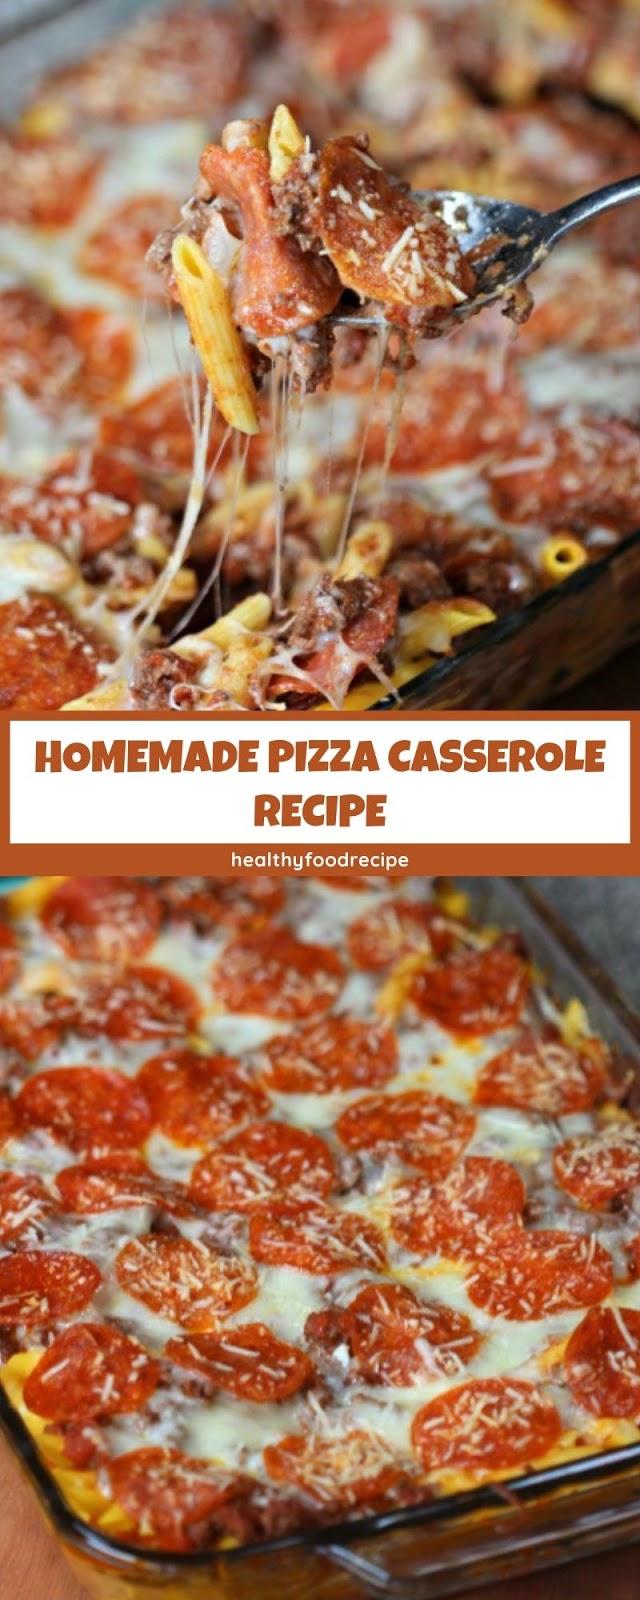 HOMEMADE PIZZA CASSEROLE RECIPE